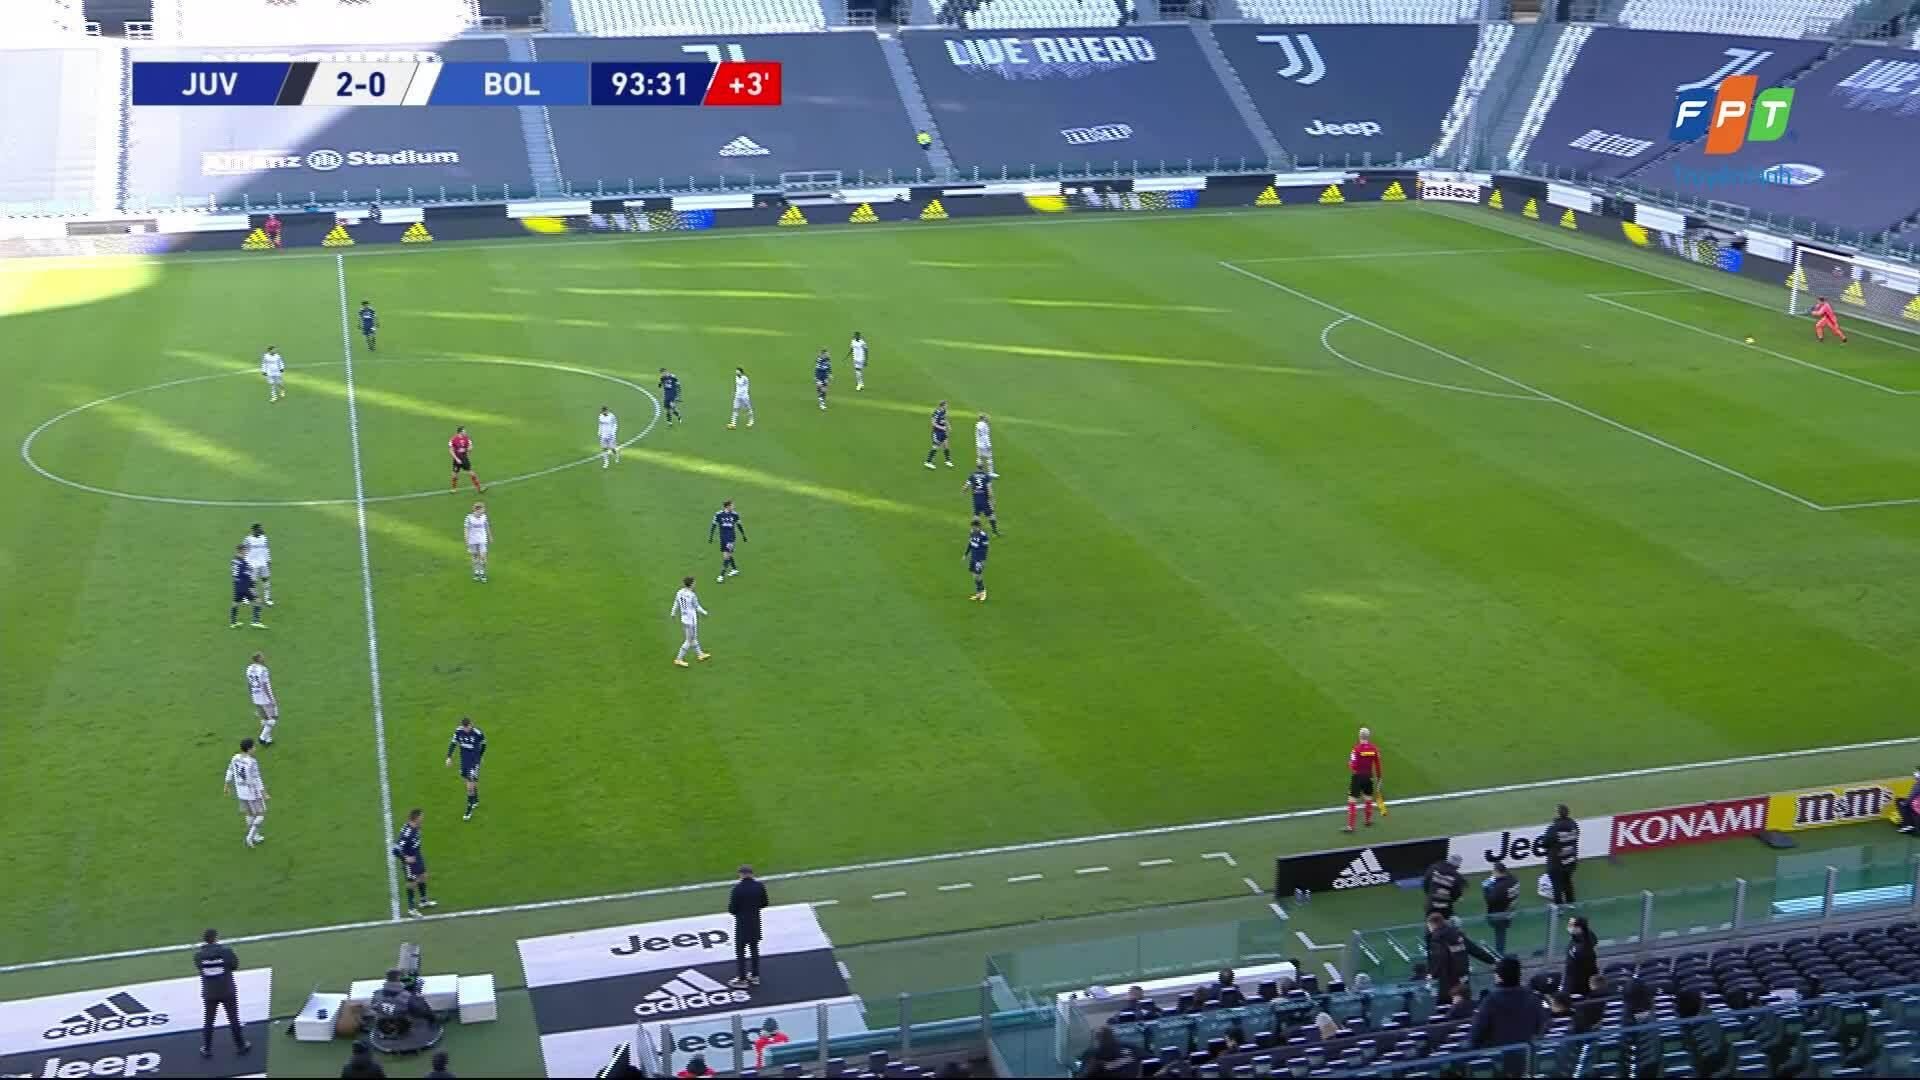 Juventus 2-0 Bologna